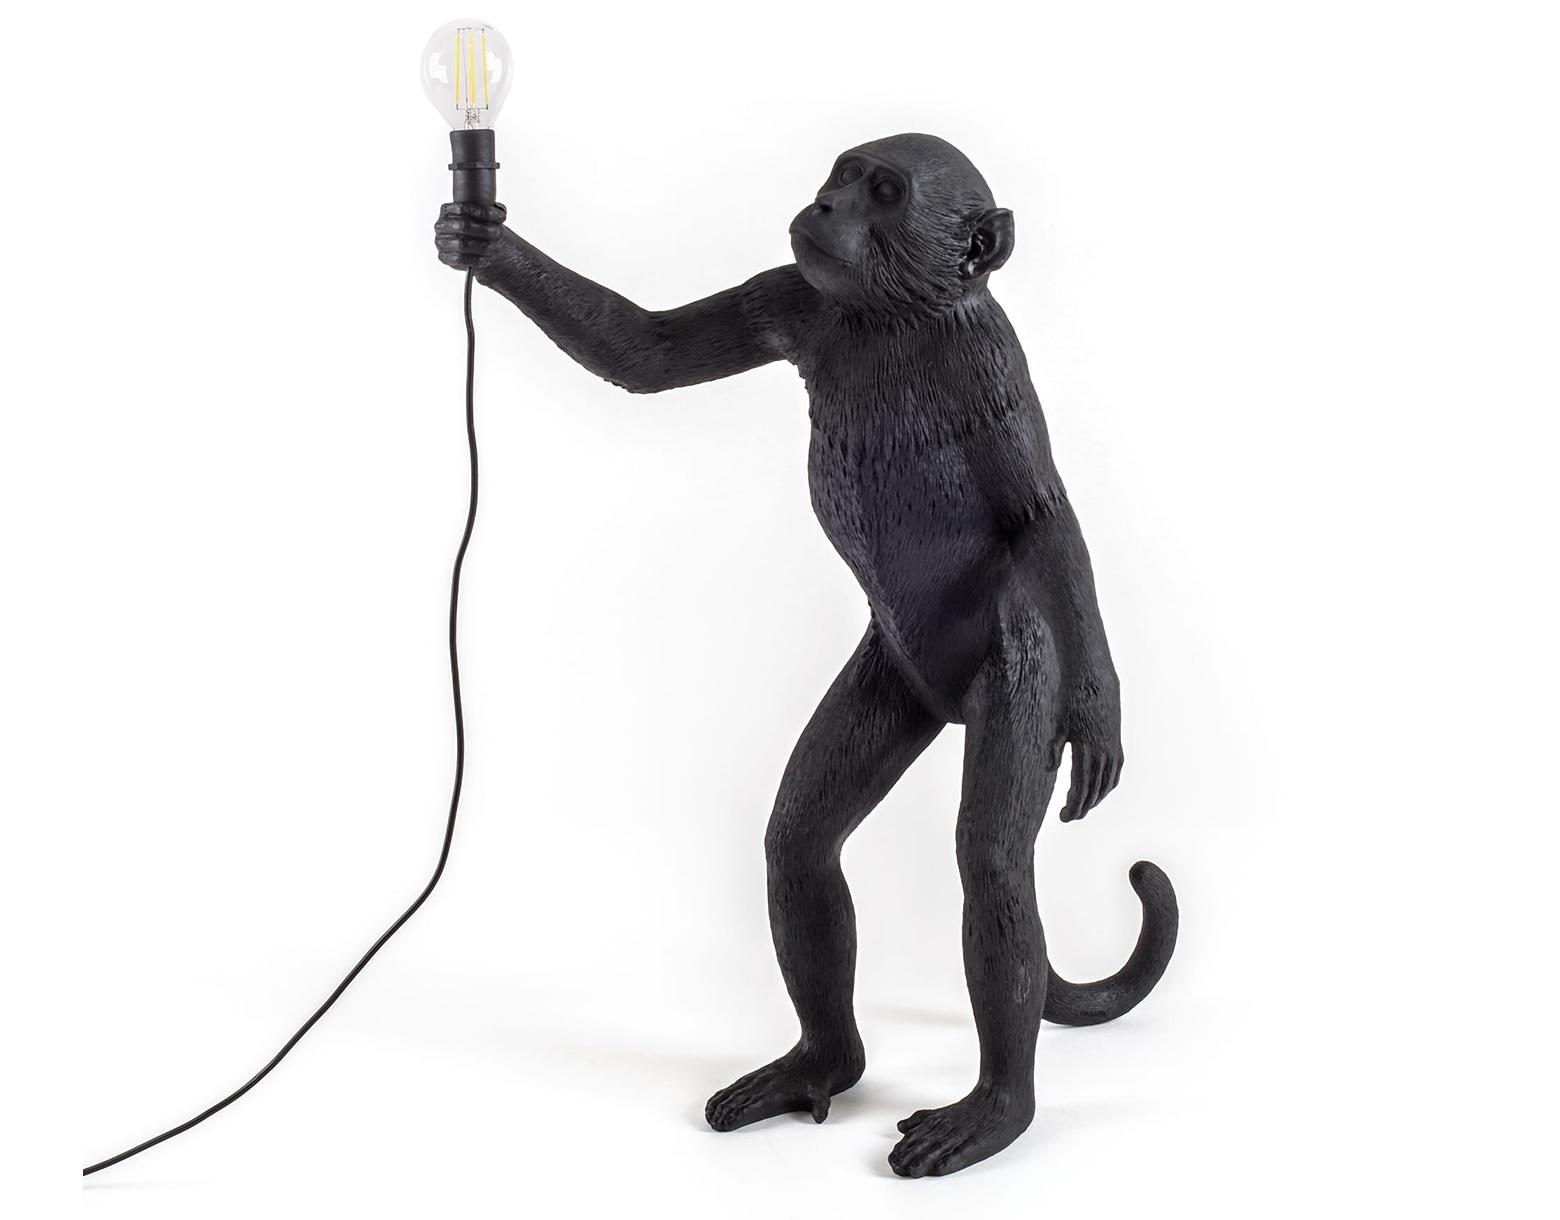 Настольная лампа The Monkey Lamp Black StandingДекоративные лампы<br>Вид цоколя: E14Мощность: 4WКоличество ламп: 1 (нет в комплекте)<br><br>kit: None<br>gender: None